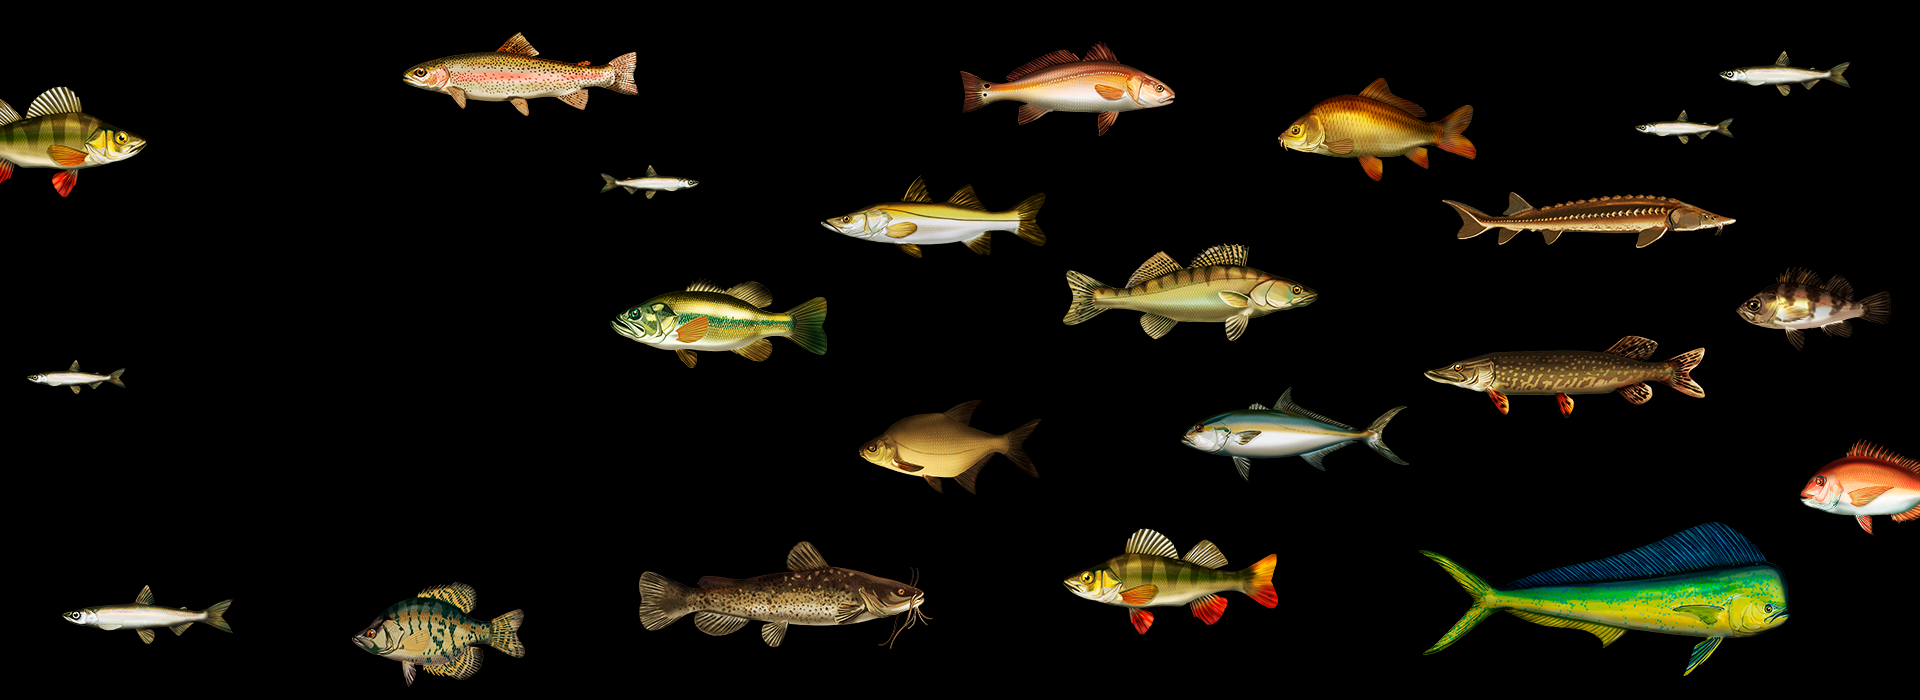 ひとつのソナーですべての魚を釣り上げろ!Deeperと釣ろう!